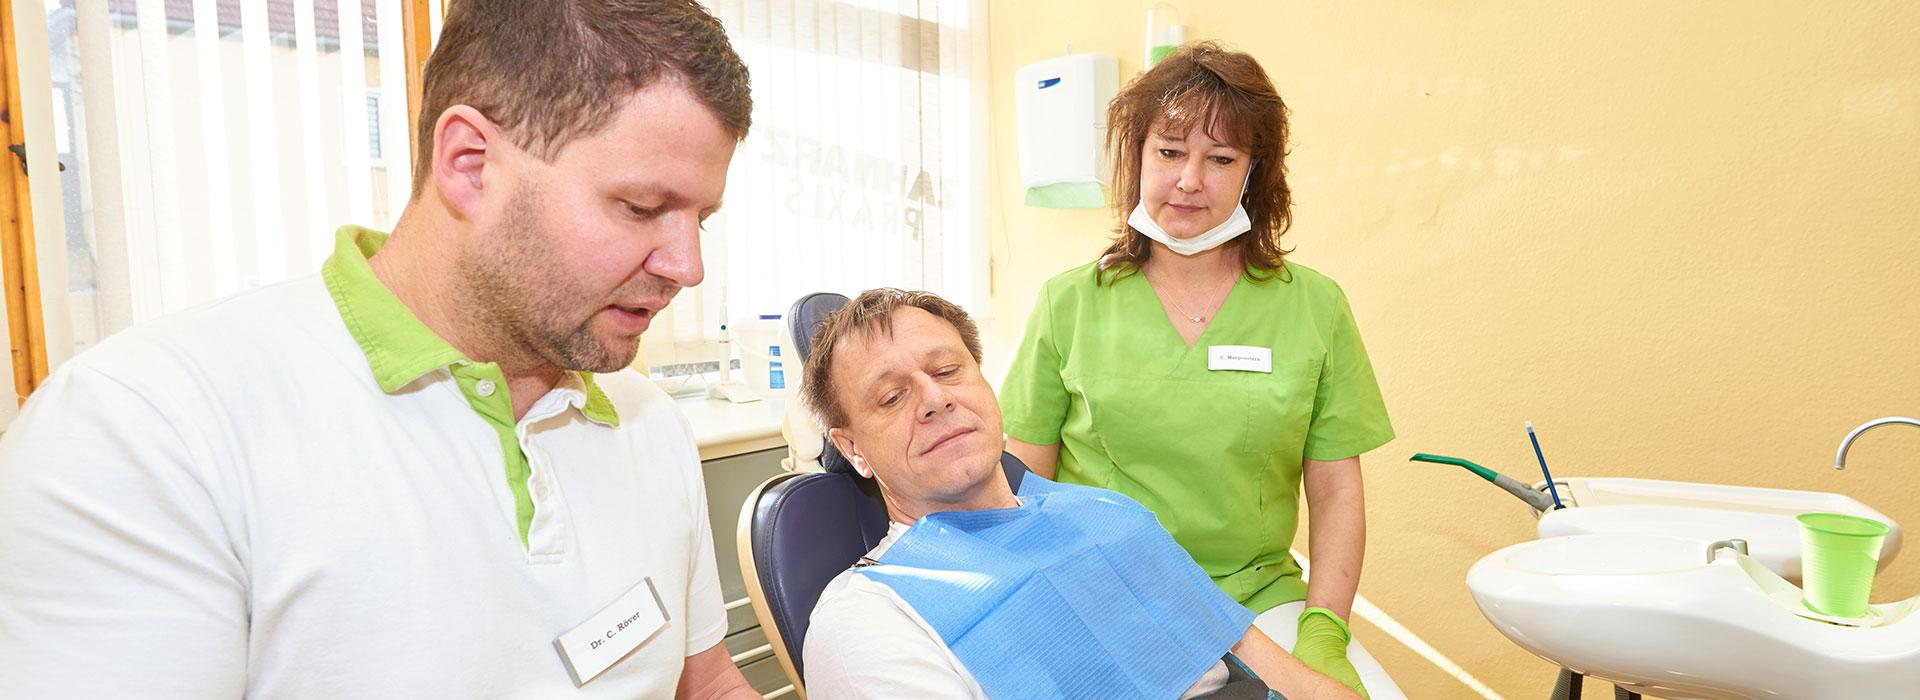 Dr_Roever_Behandlung